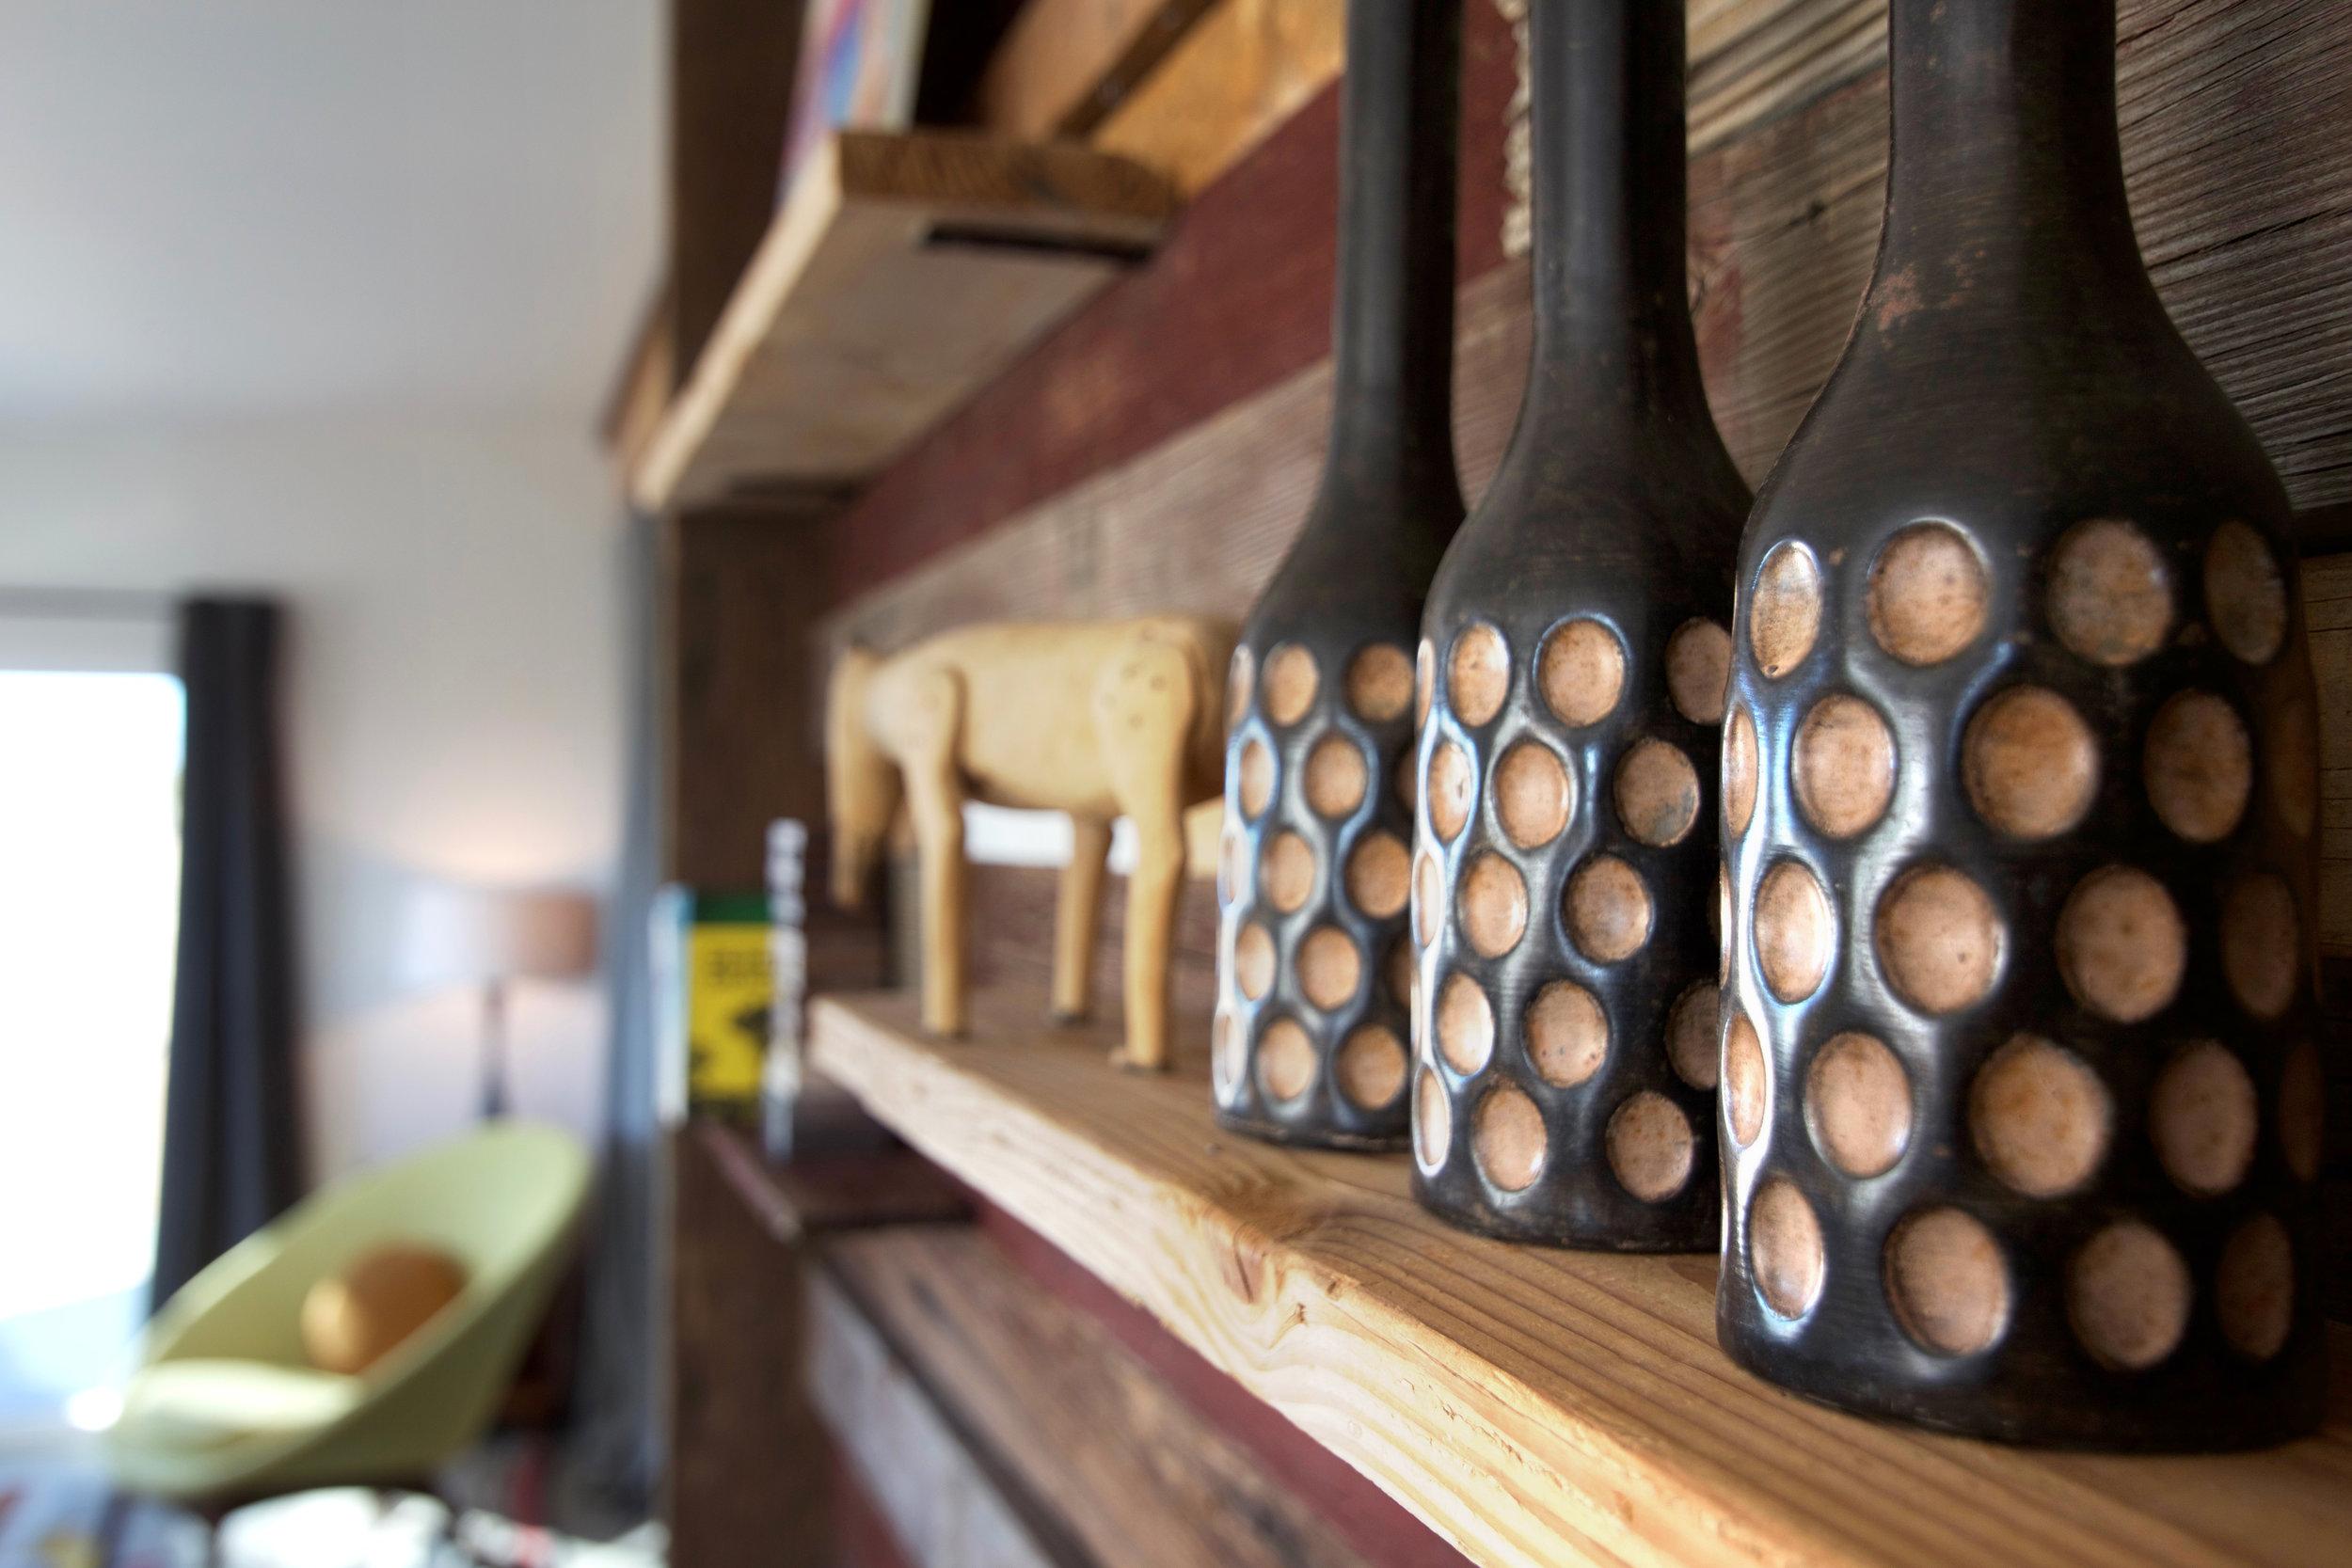 PMC-wood-shelves.jpg